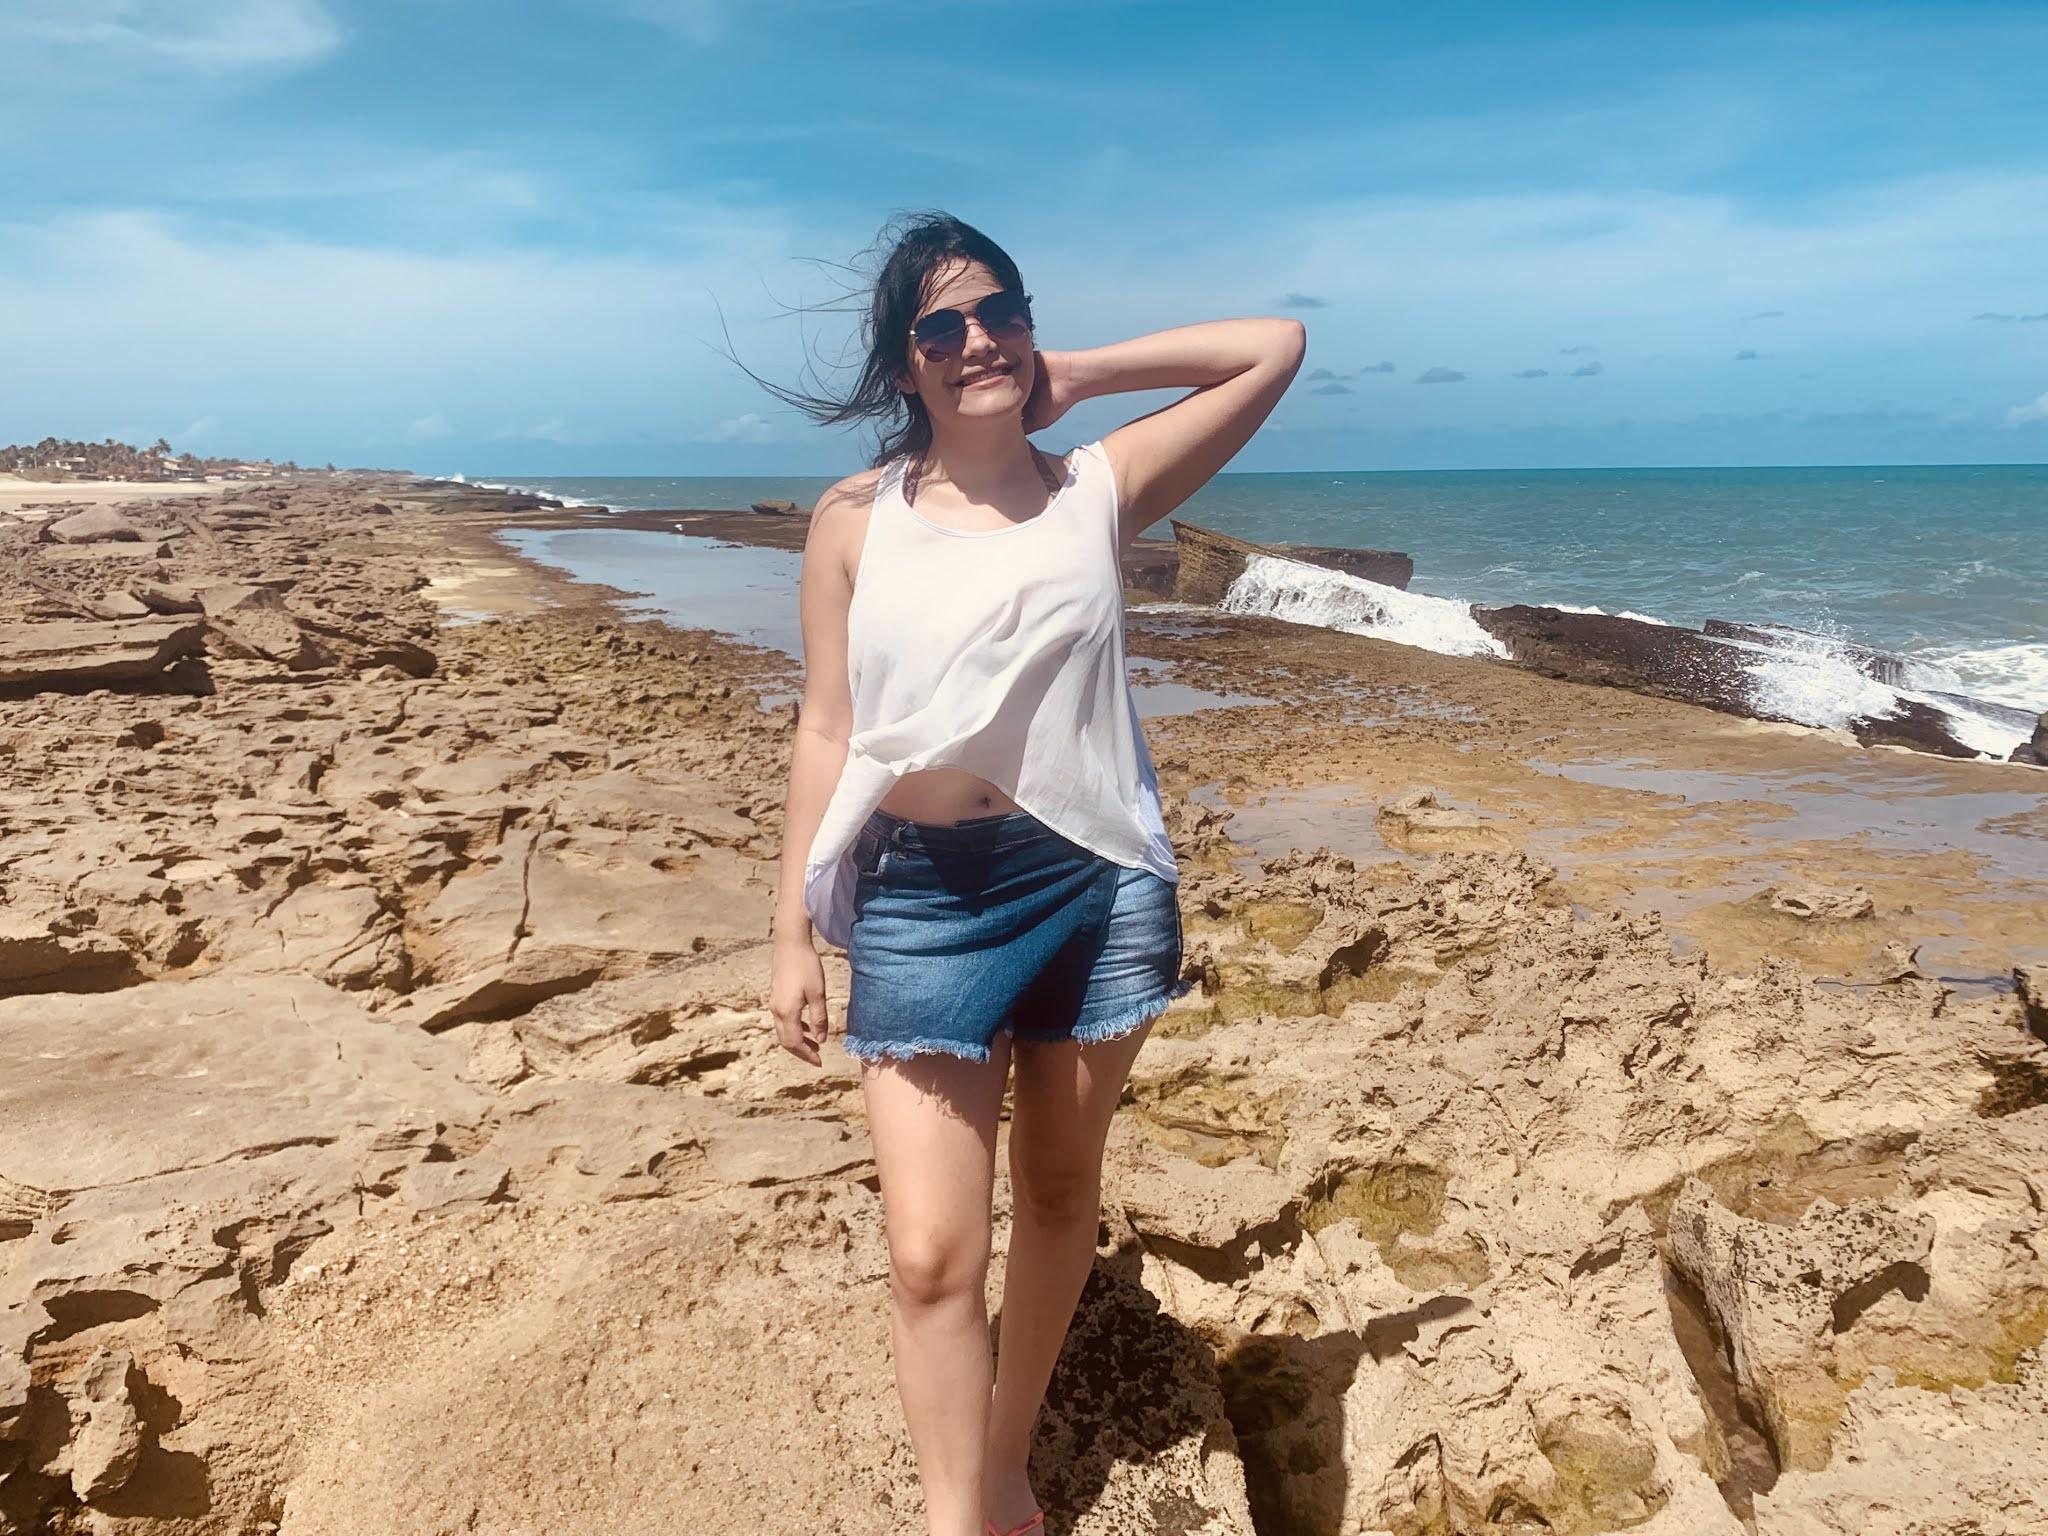 mulher em cima de pedras em uma praia